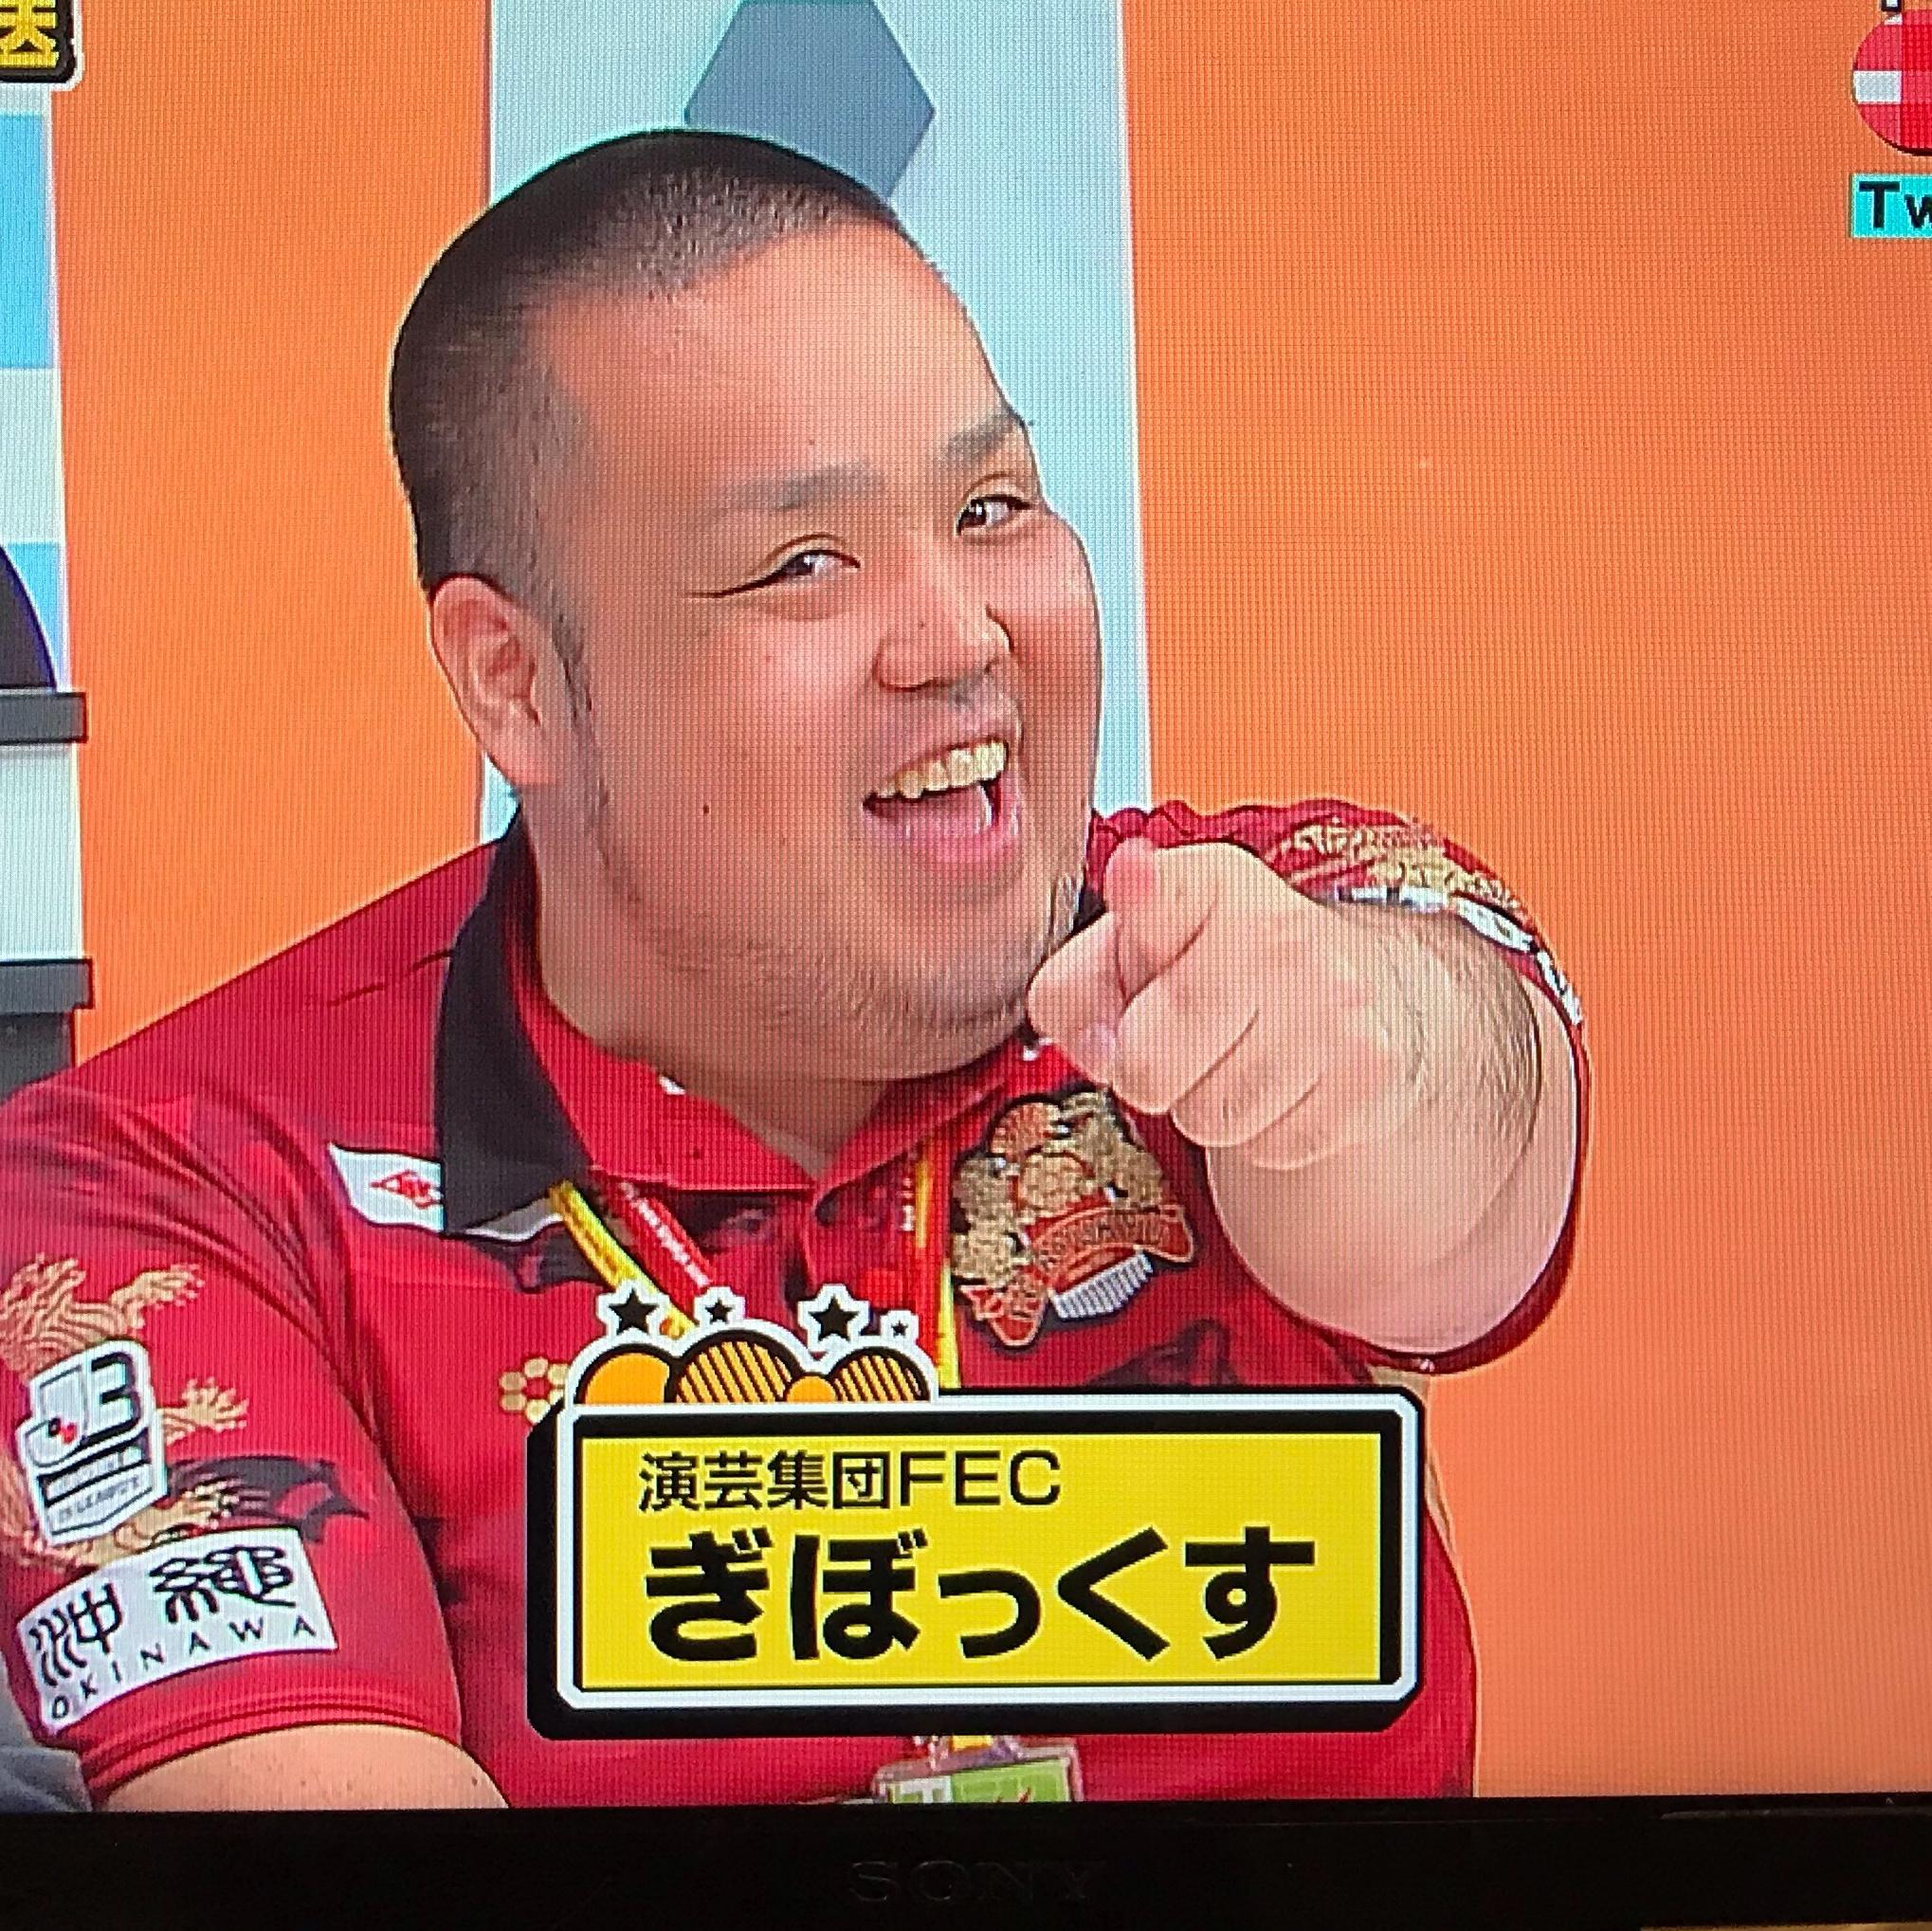 ぎぼっくすだJ「FC琉球vsファジアーノ岡山試合直前編」